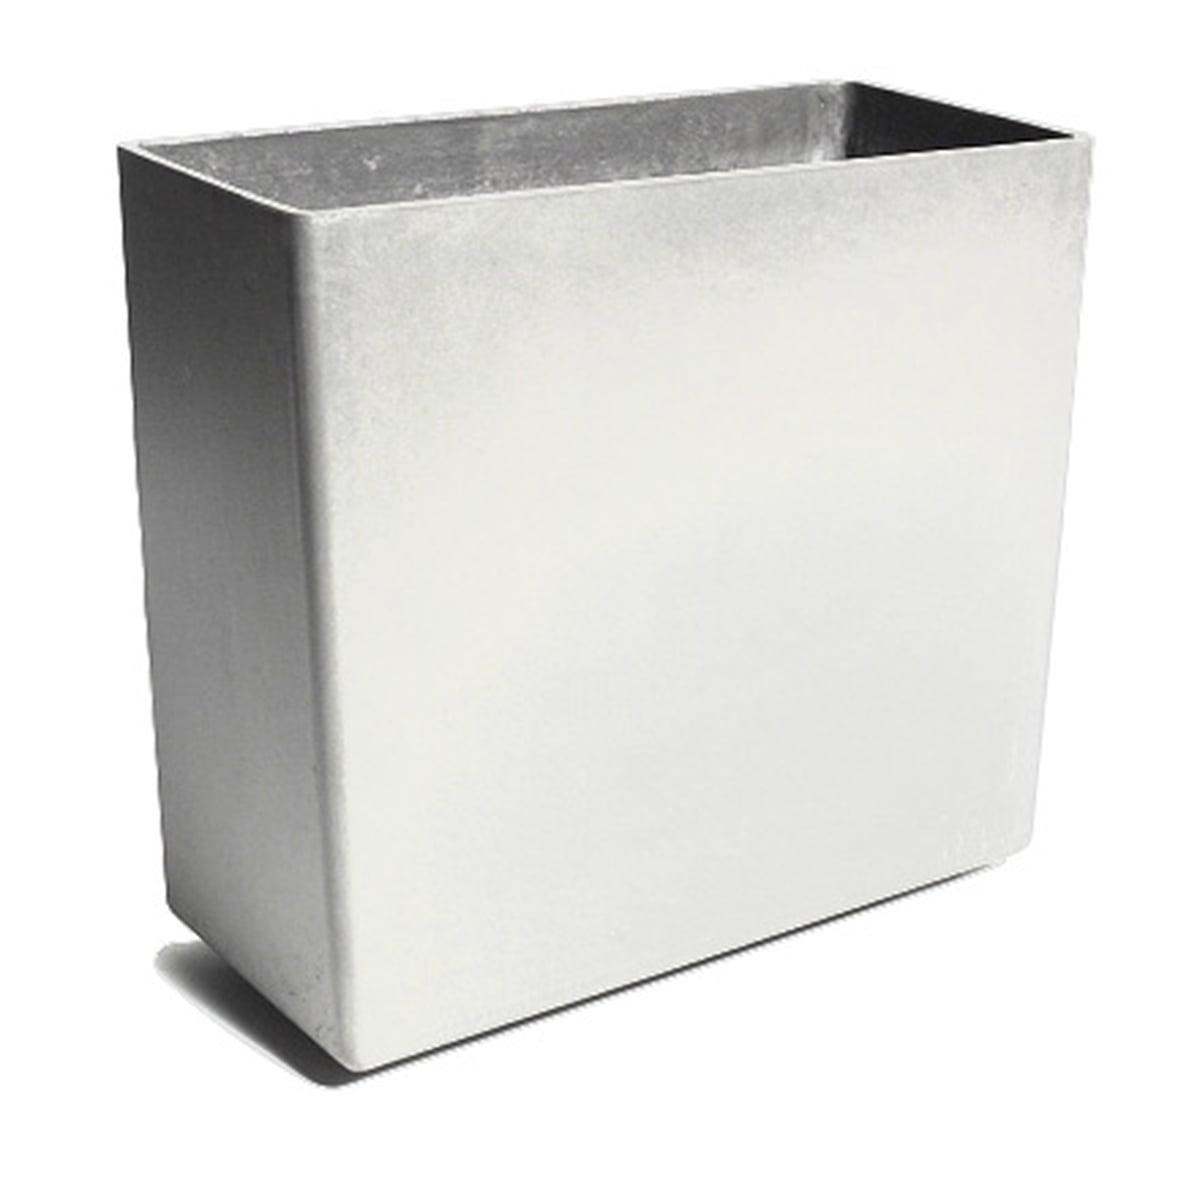 grau-zement Blumentöpfe online kaufen | Möbel-Suchmaschine ...